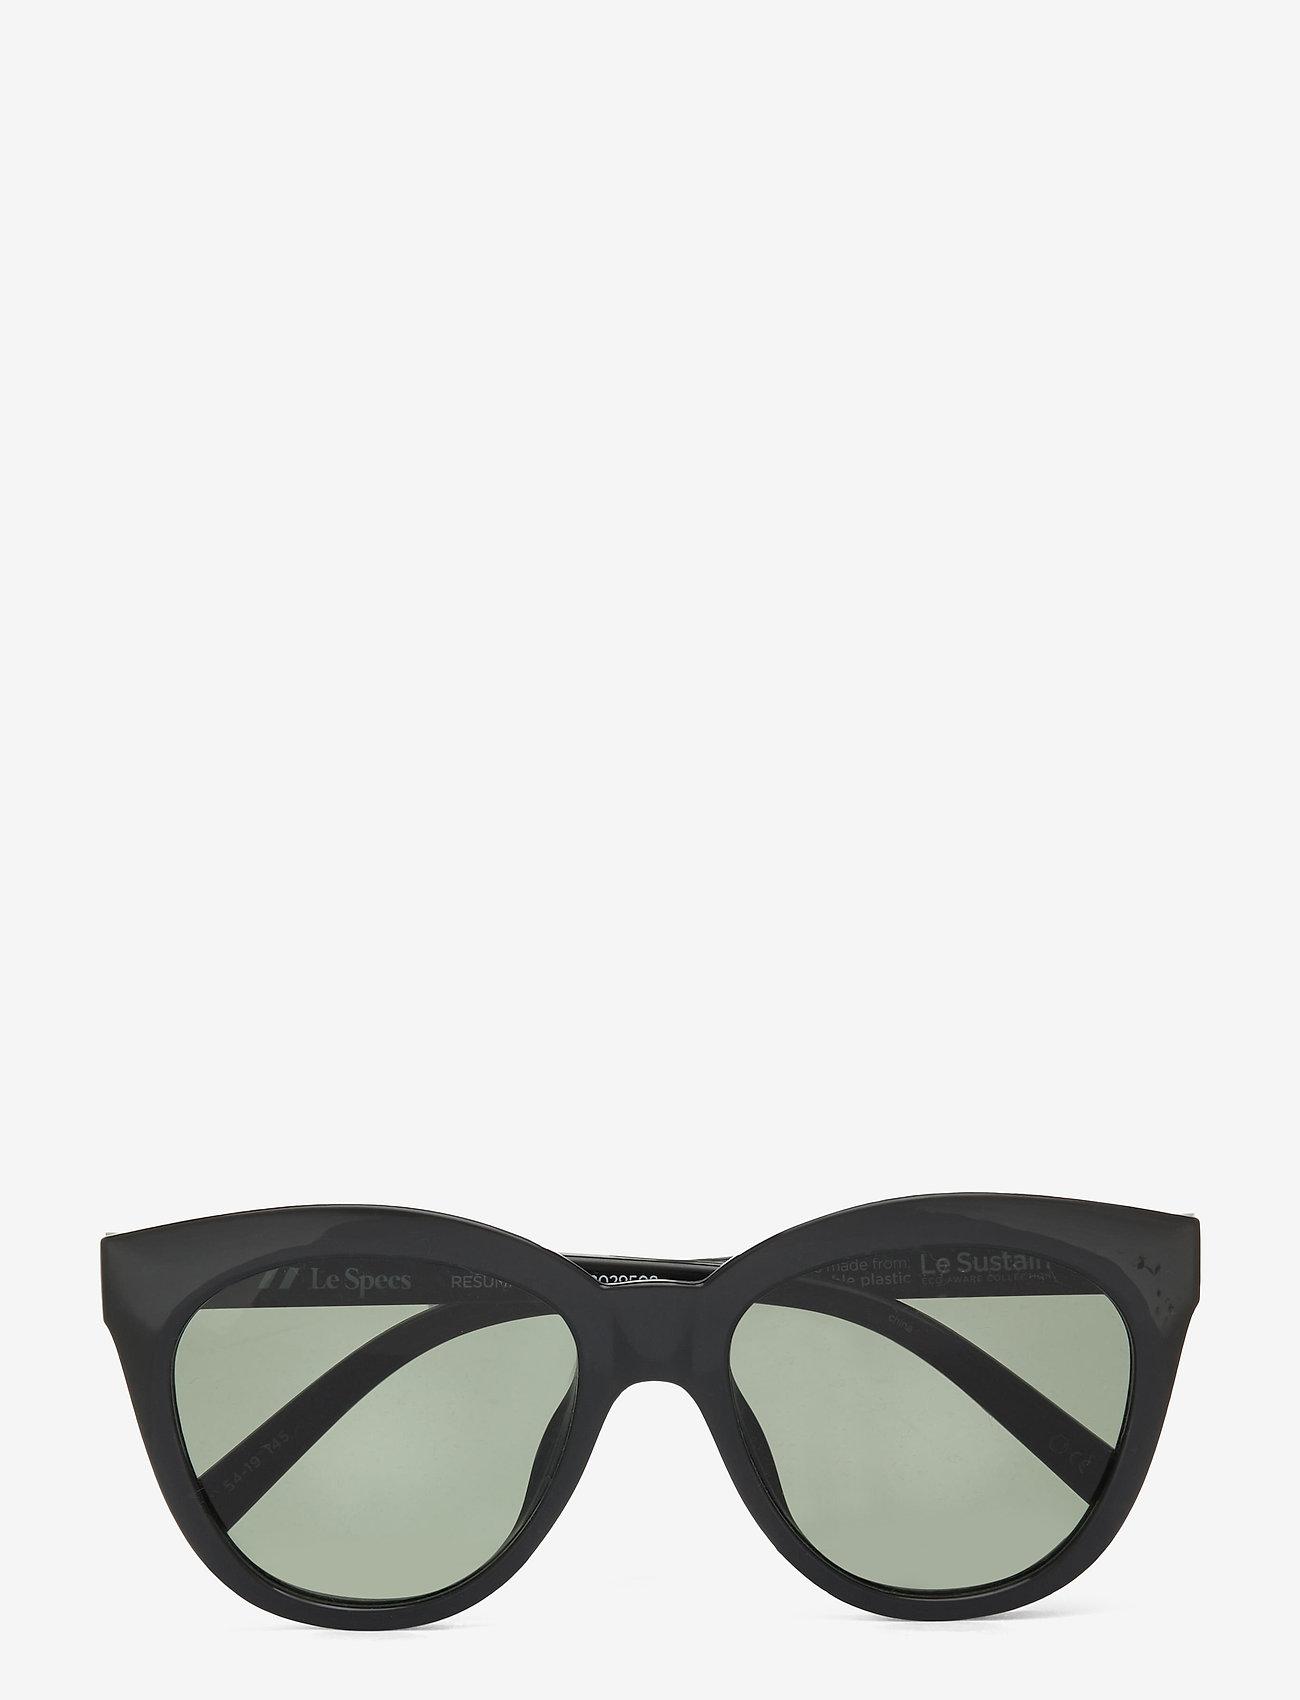 Le Specs - LE SUSTAIN - RESUMPTION - rond model - black w/ khaki mono lens - 0